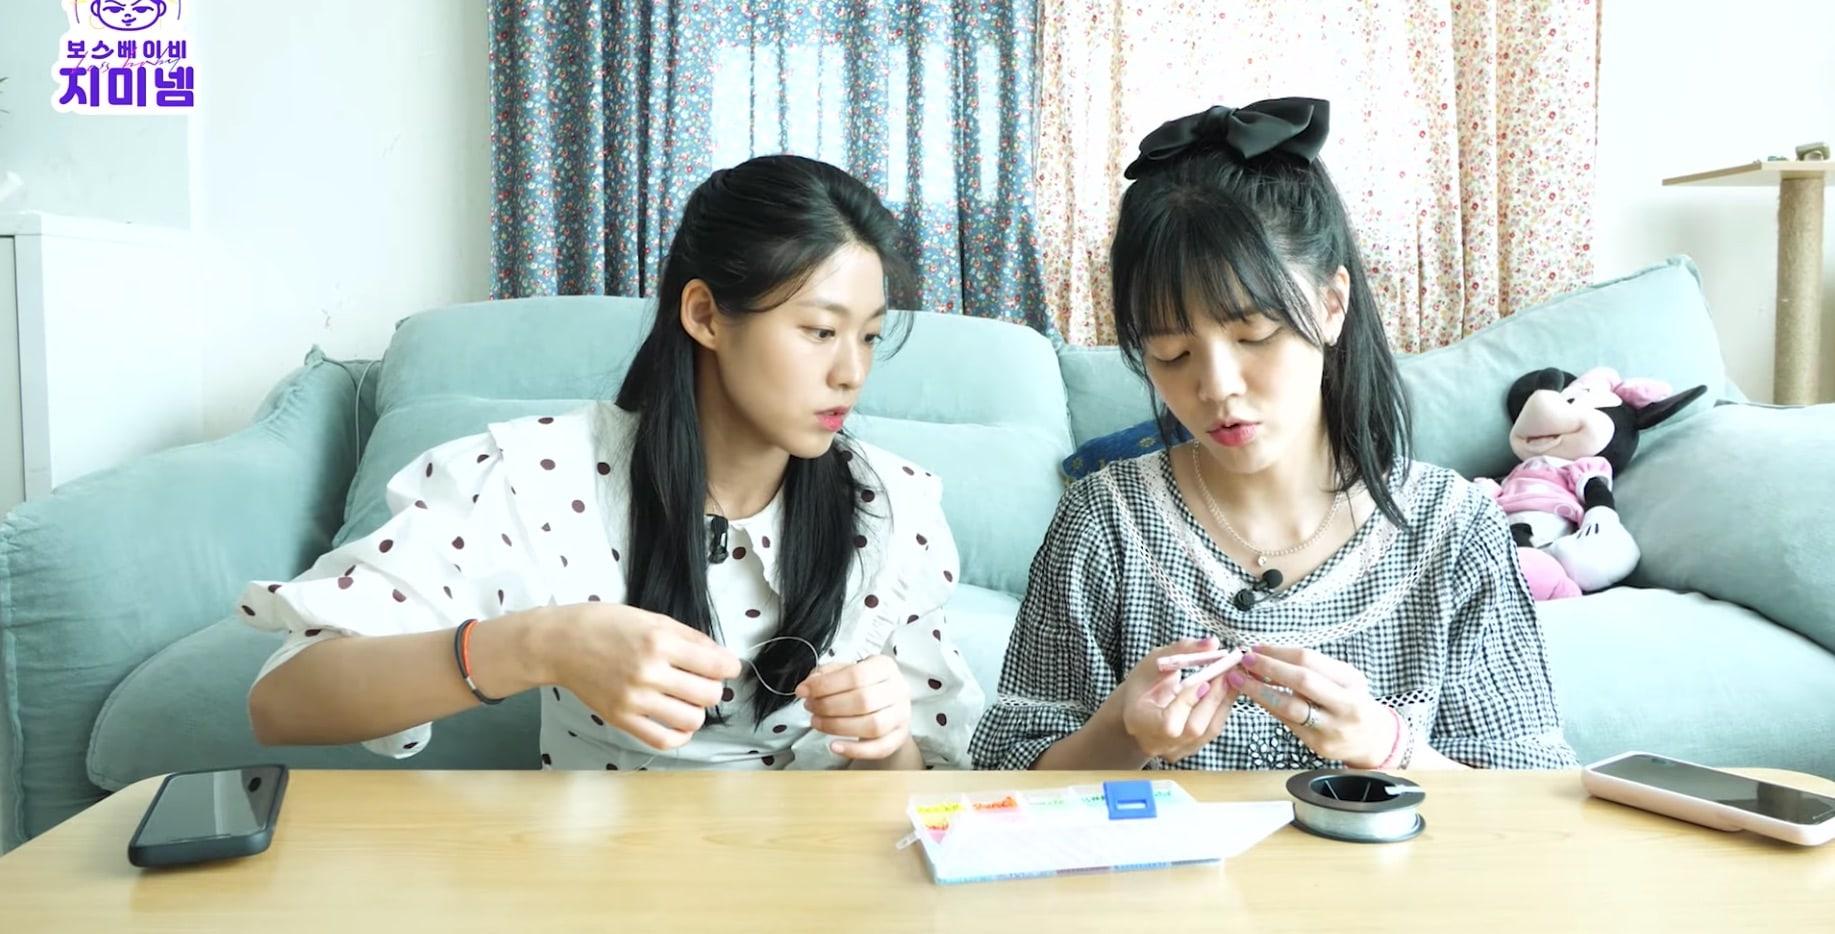 AOA的金雪炫和申智珉做珠饰 少女时代的泰妍评论